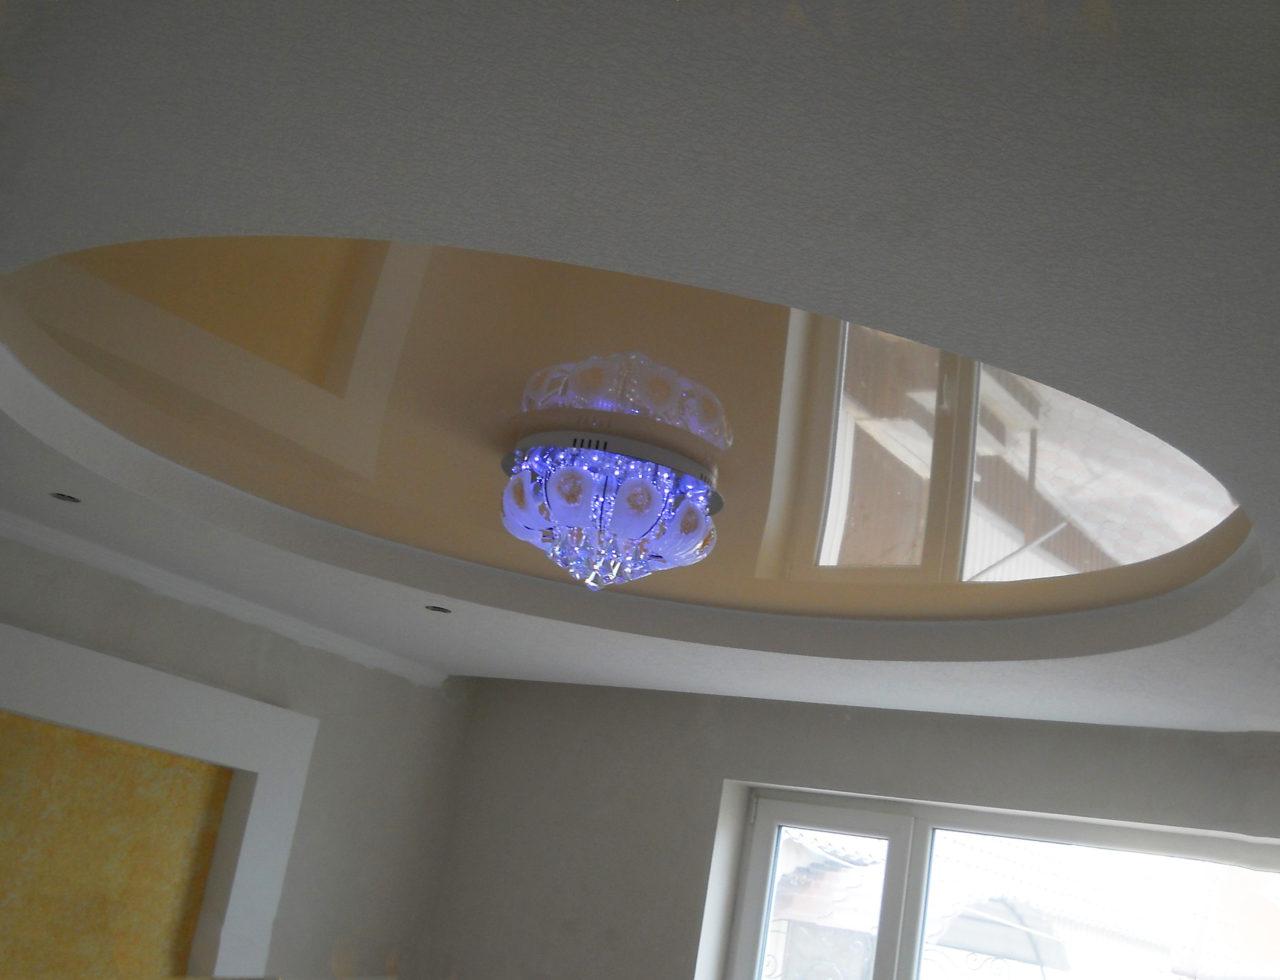 Натяжные потолки в форме круга